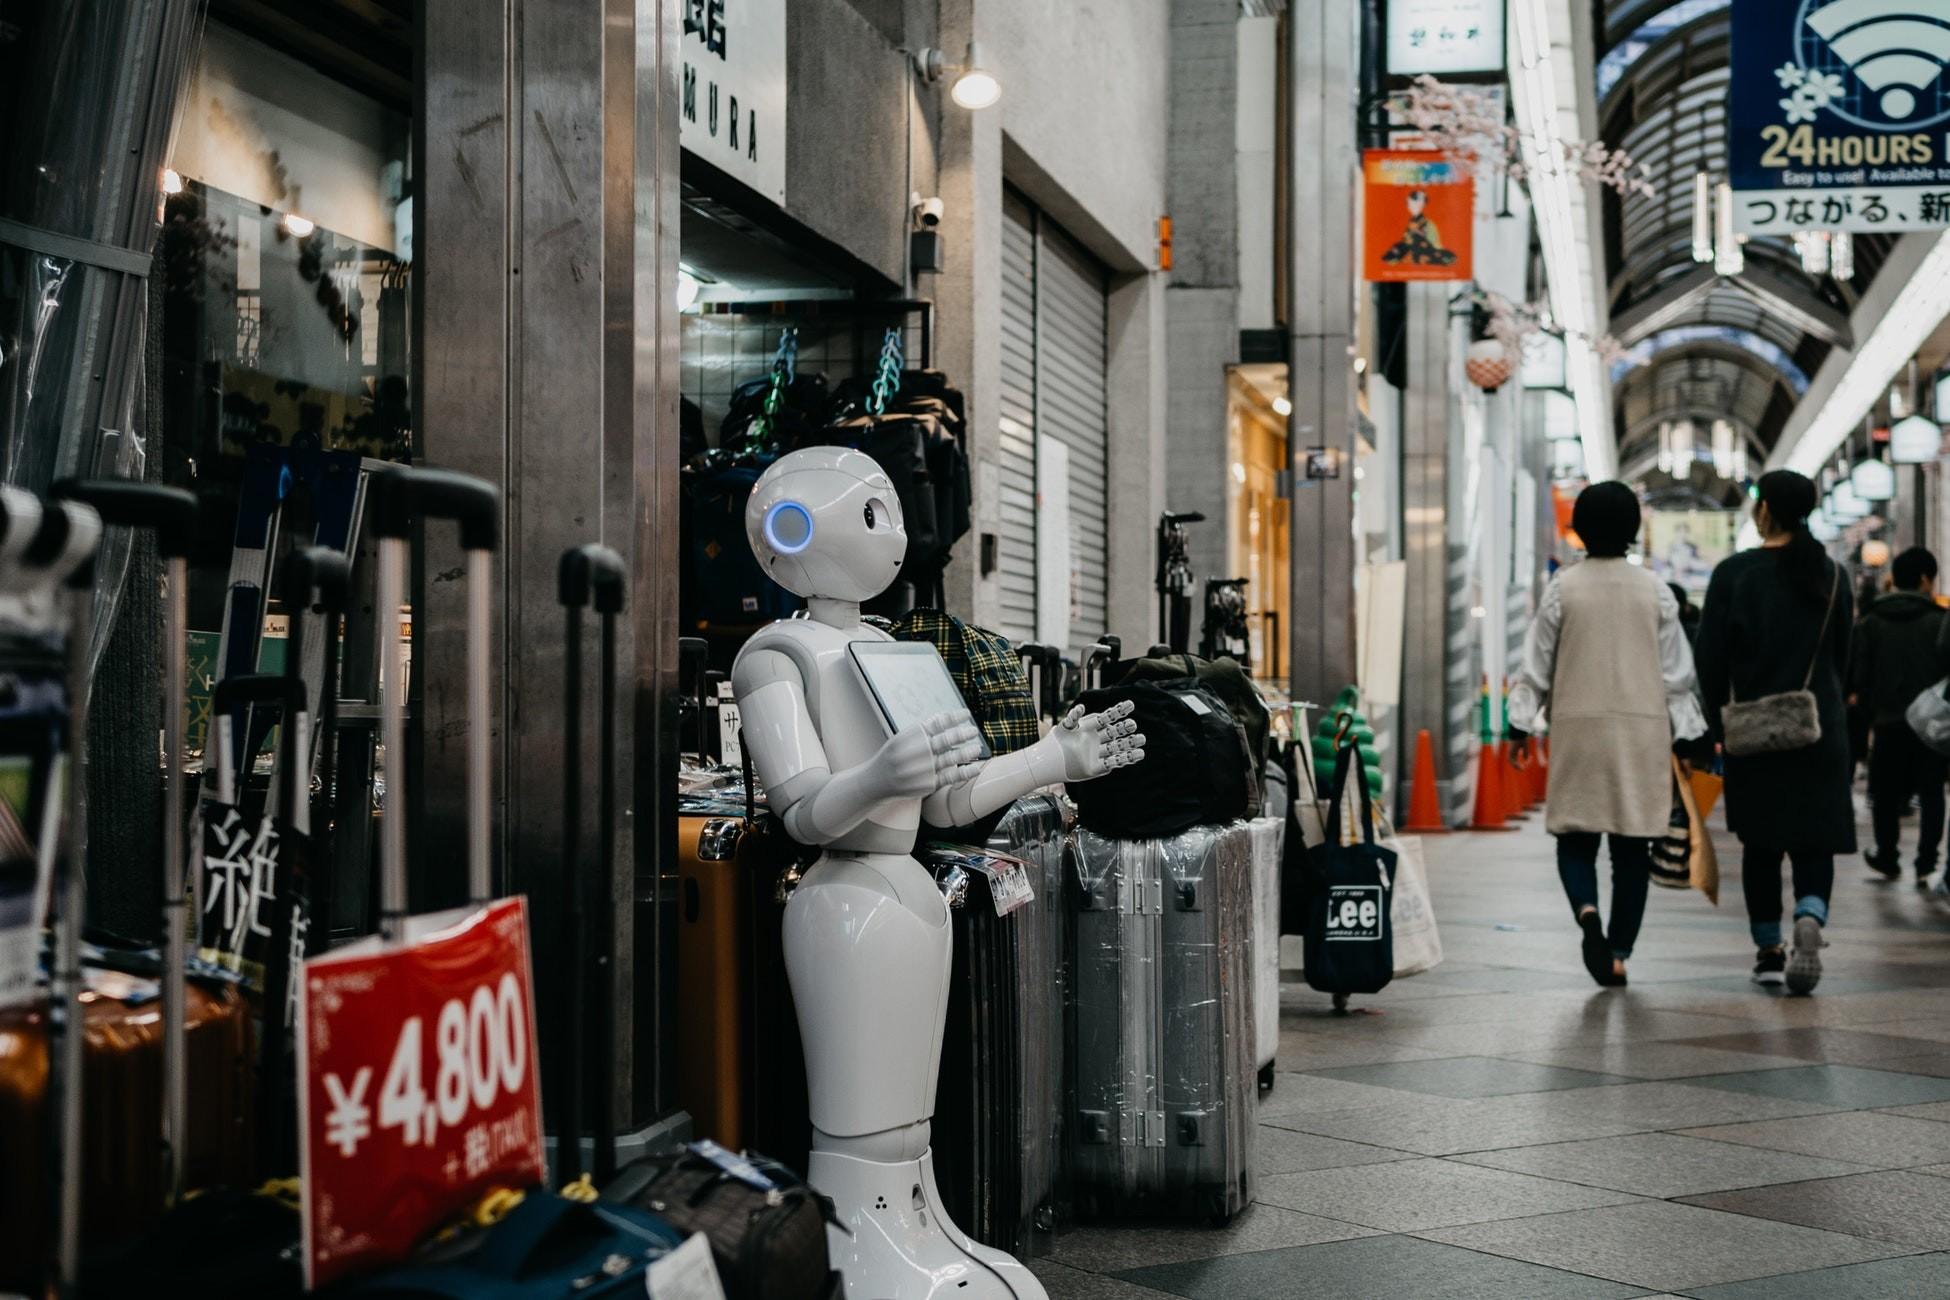 Robot som står utenfor en butikk og tilsynelatende ønsker velkommen